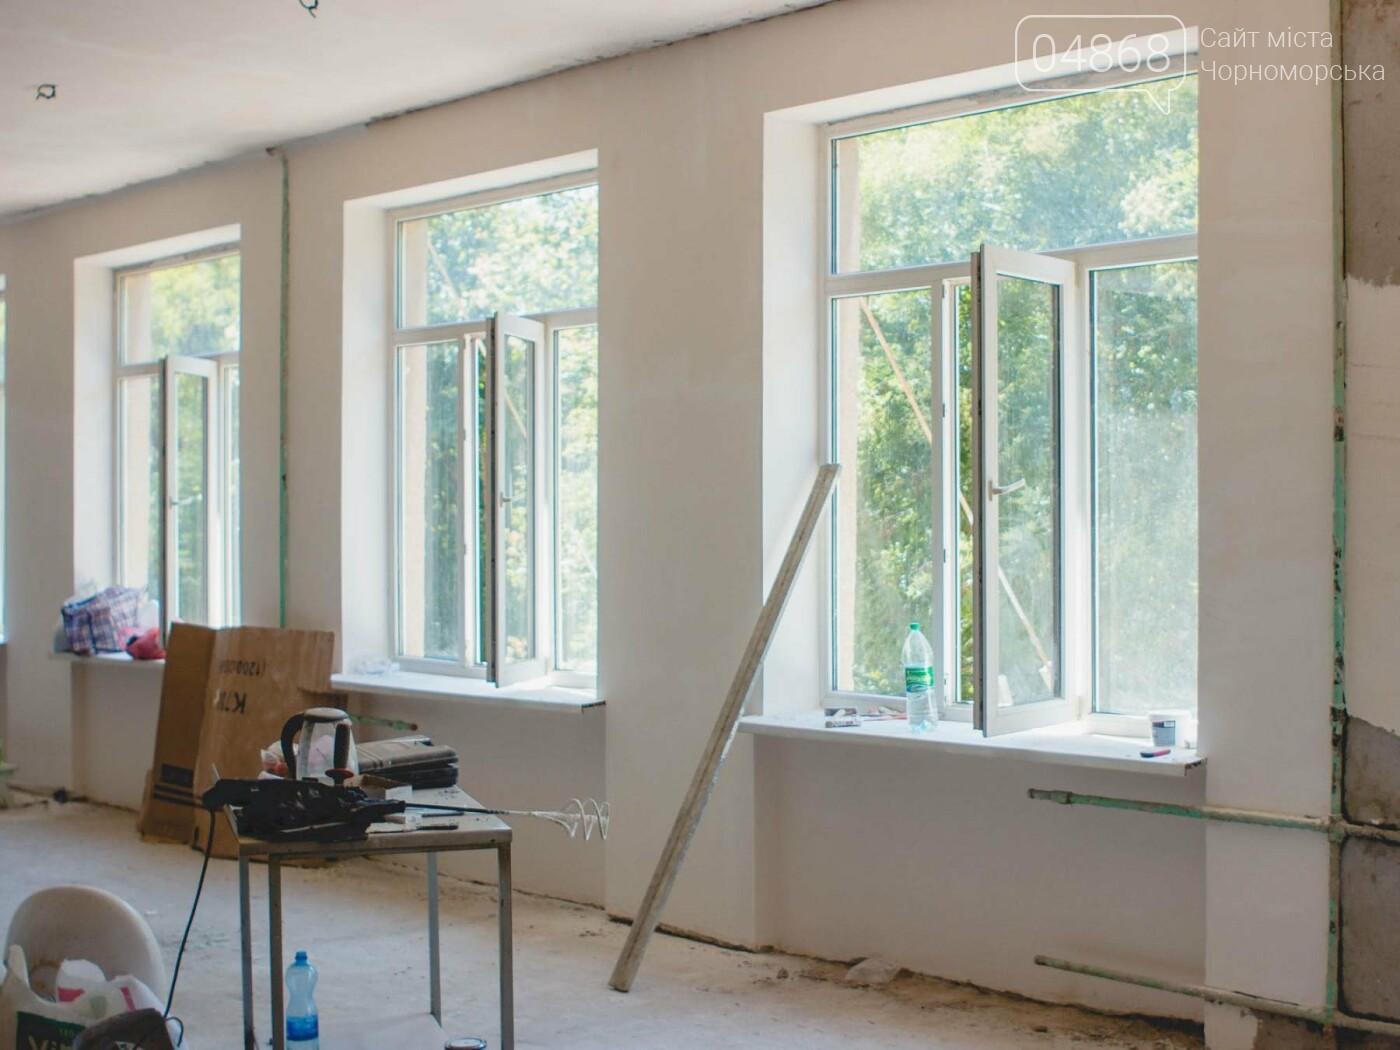 Новые окна, кабинеты и пищеблок: школы Черноморска готовятся к 1 сентября, фото-13